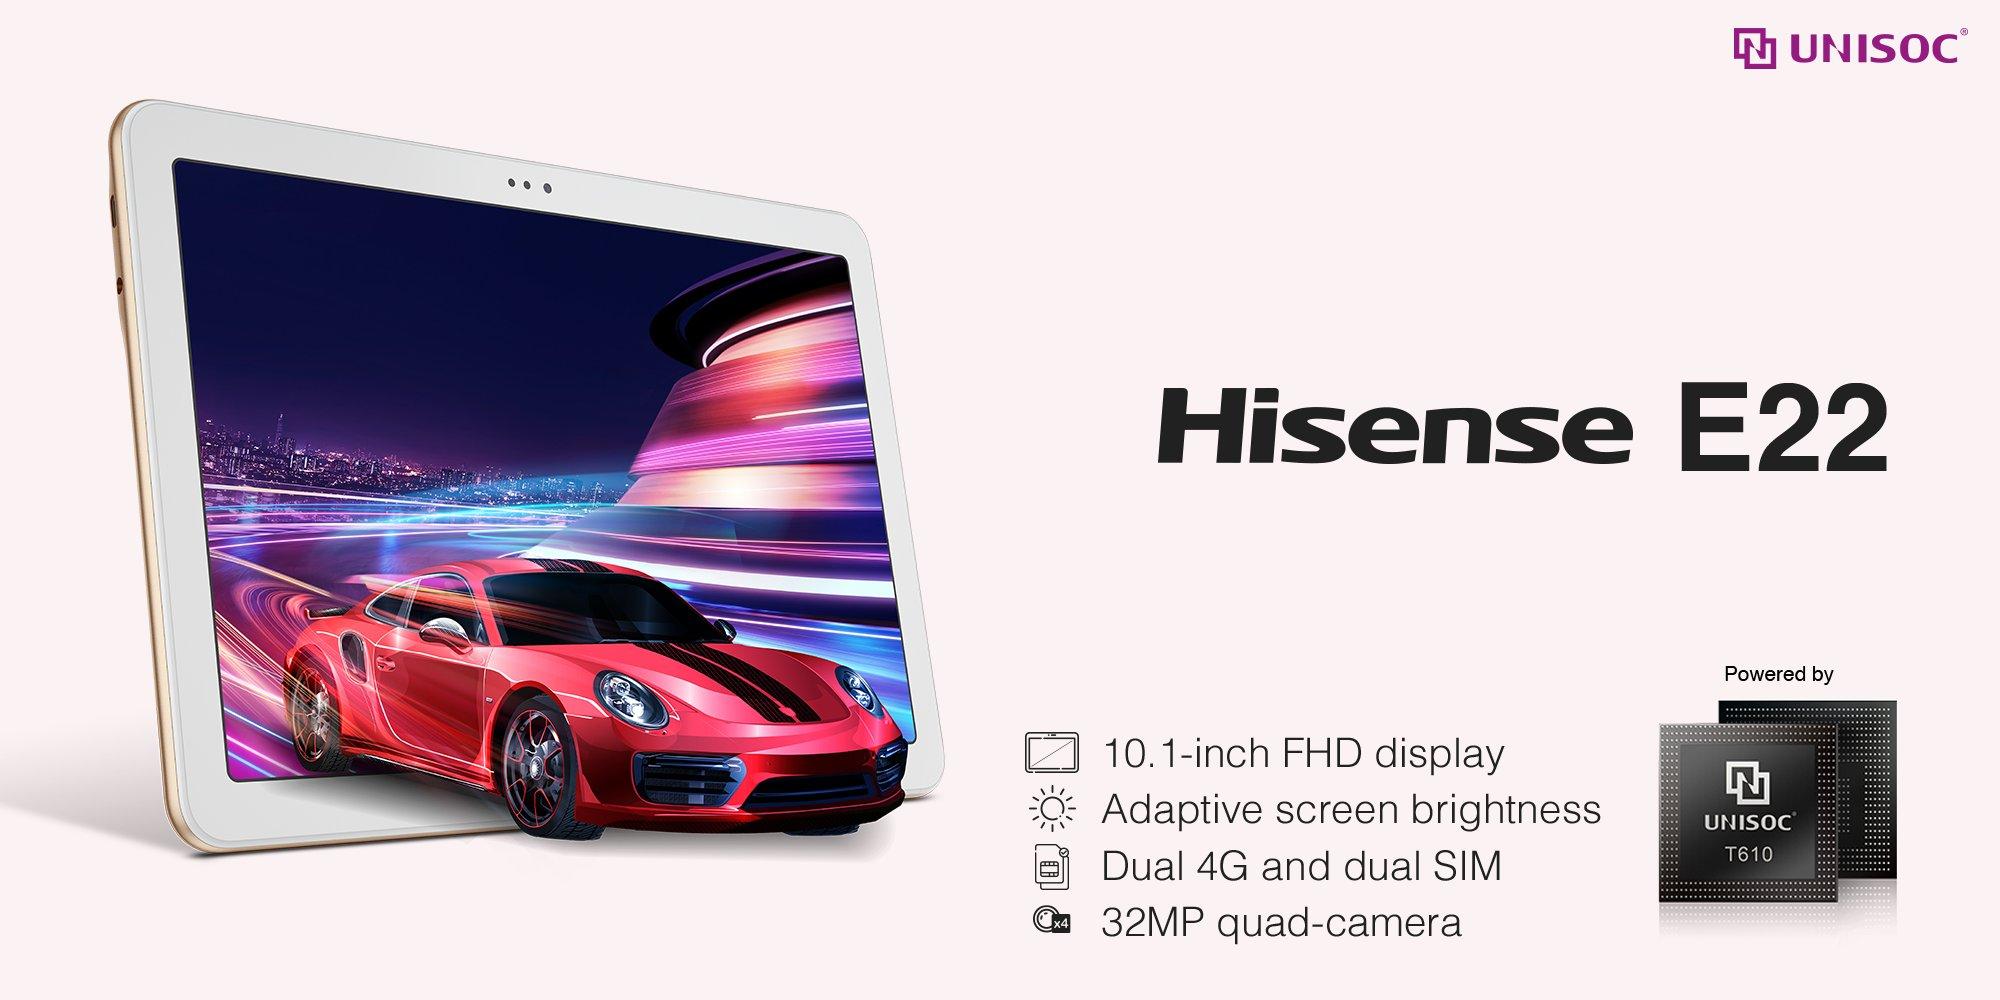 Hisense e22 2000x1000x